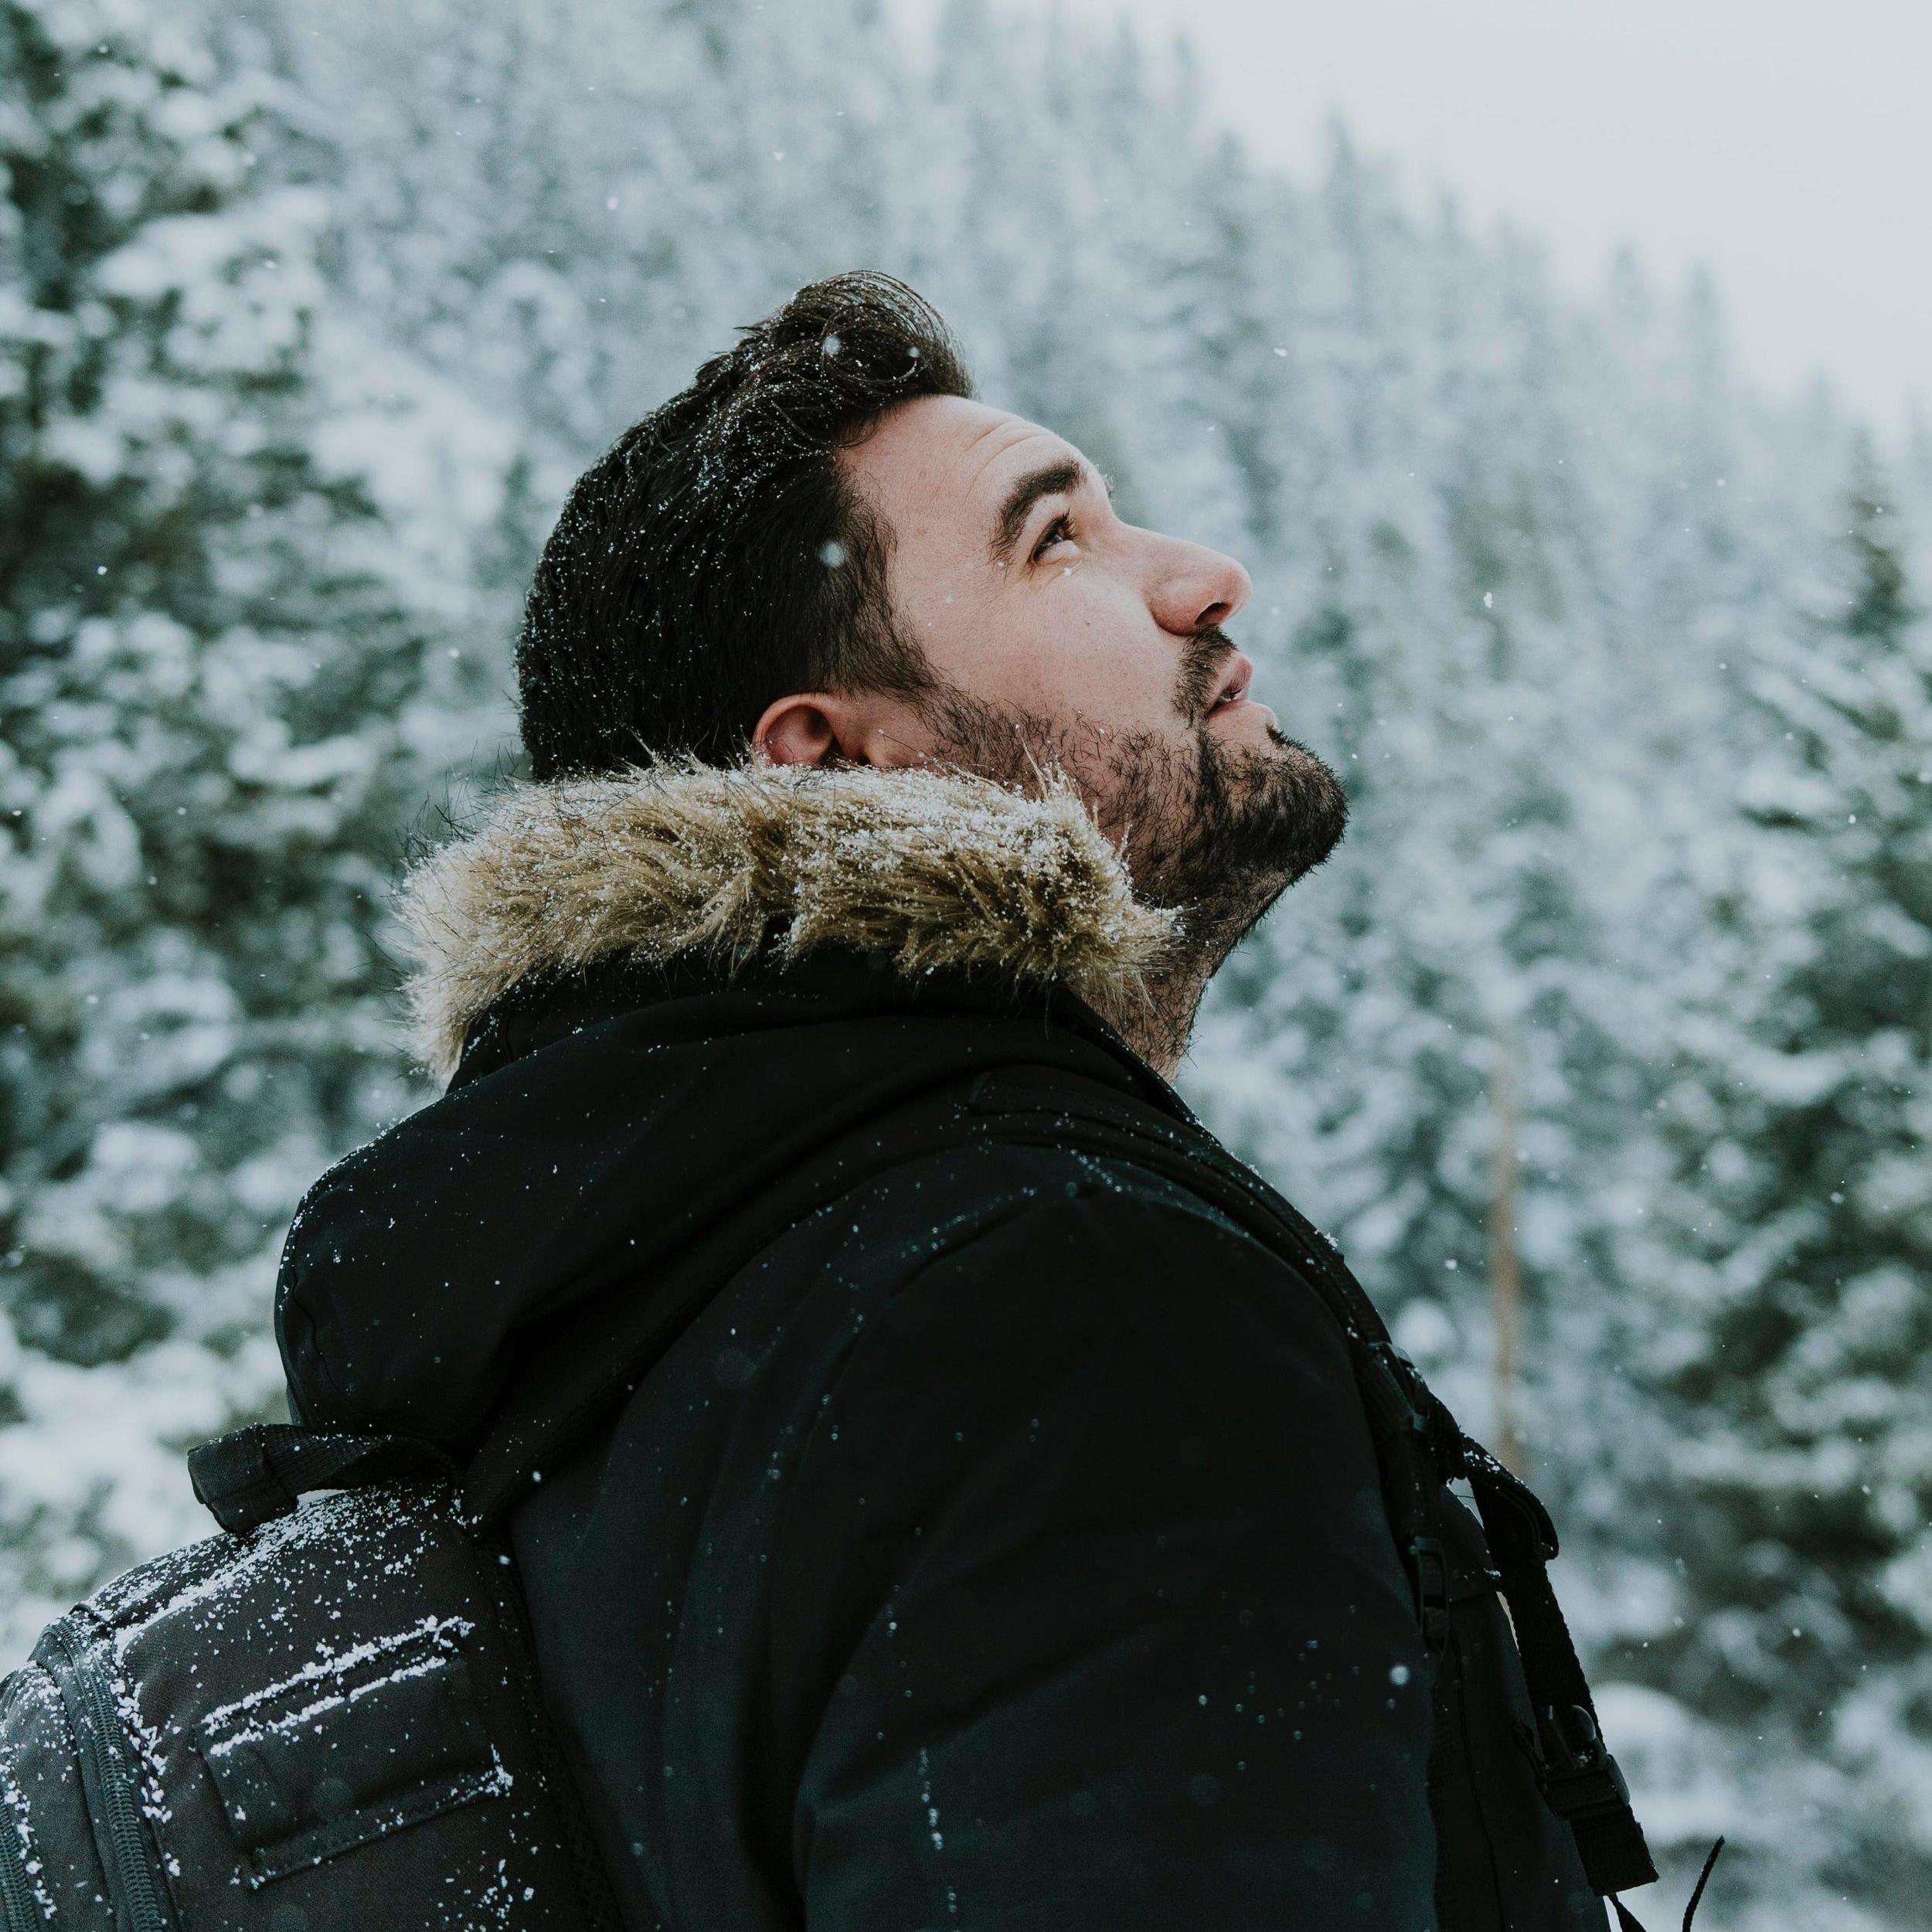 Bryan Castillo - @bryanadamcLifestyle & Travel Photographer